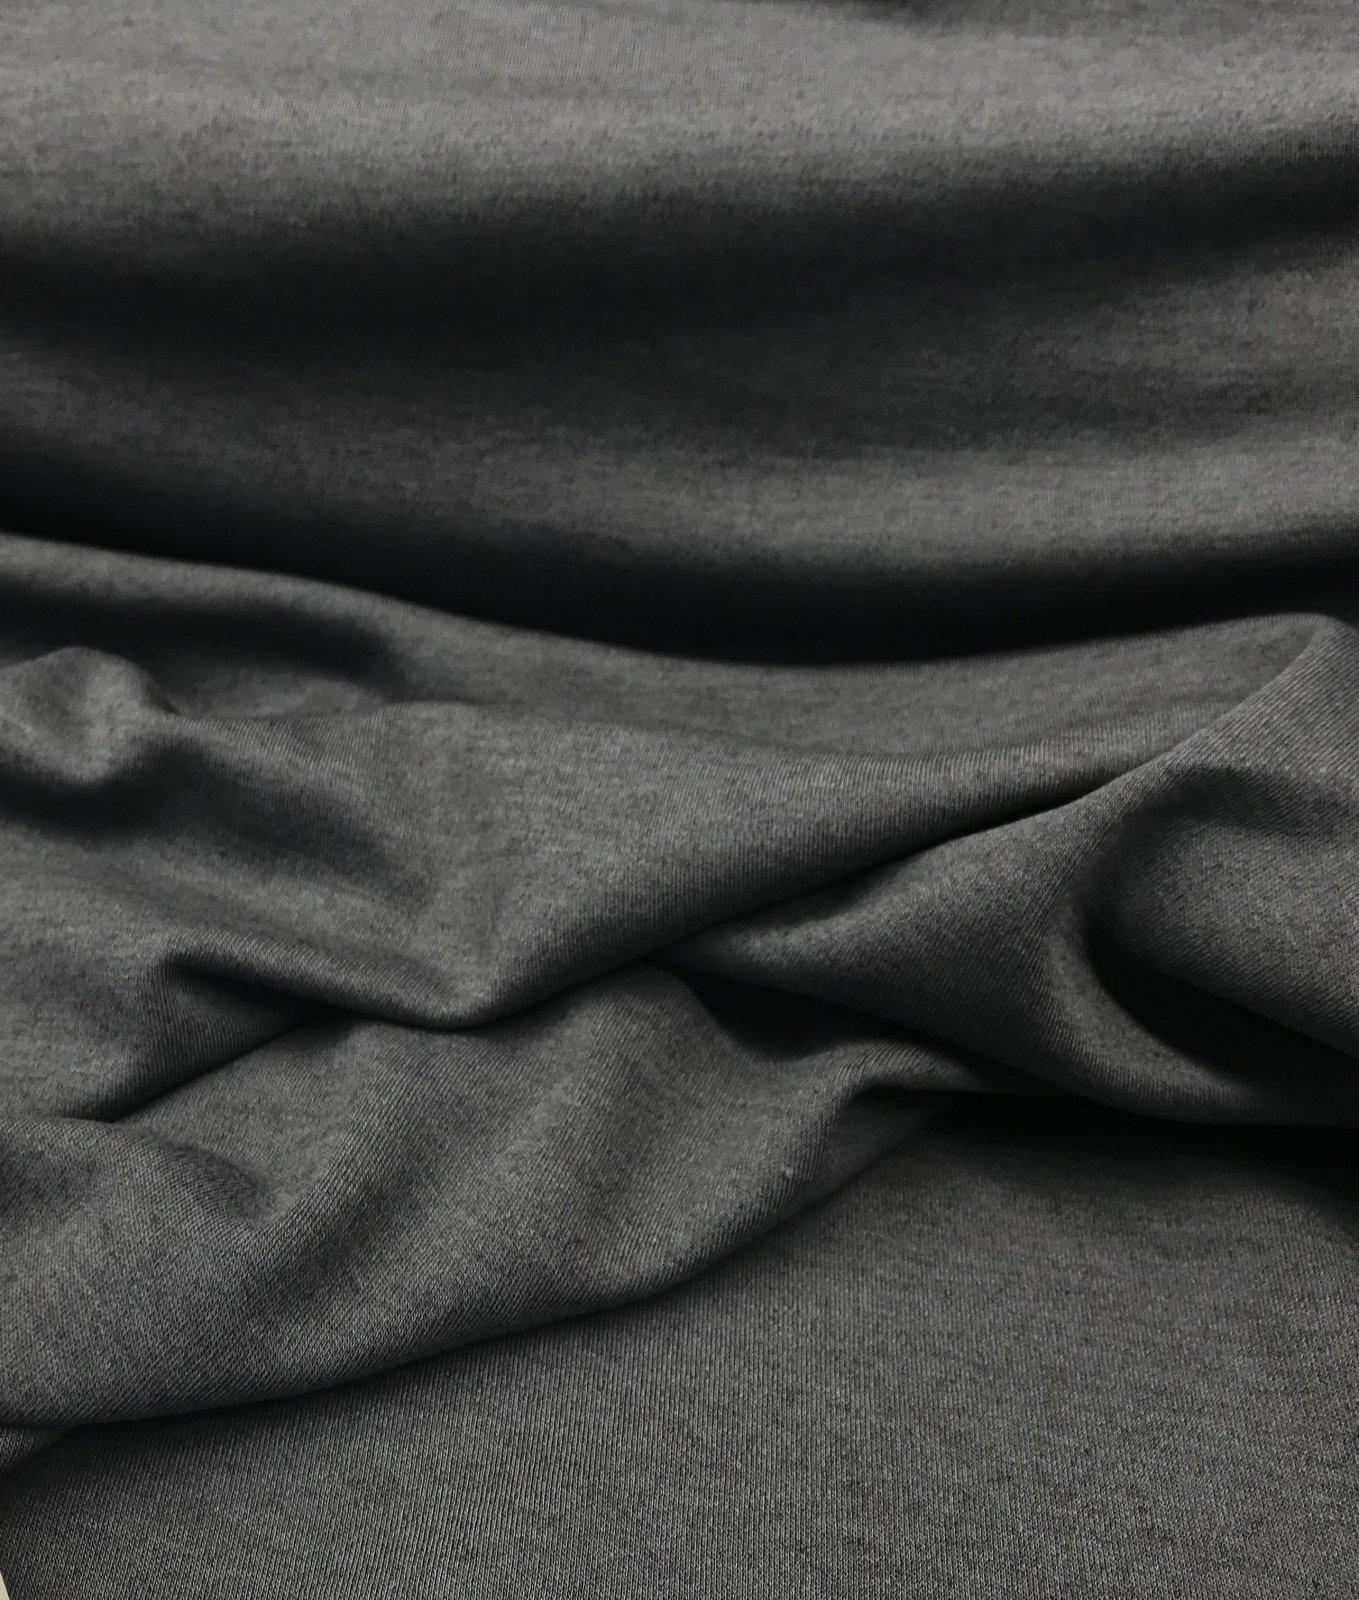 Merino Wool Knit - Charcoal Gray